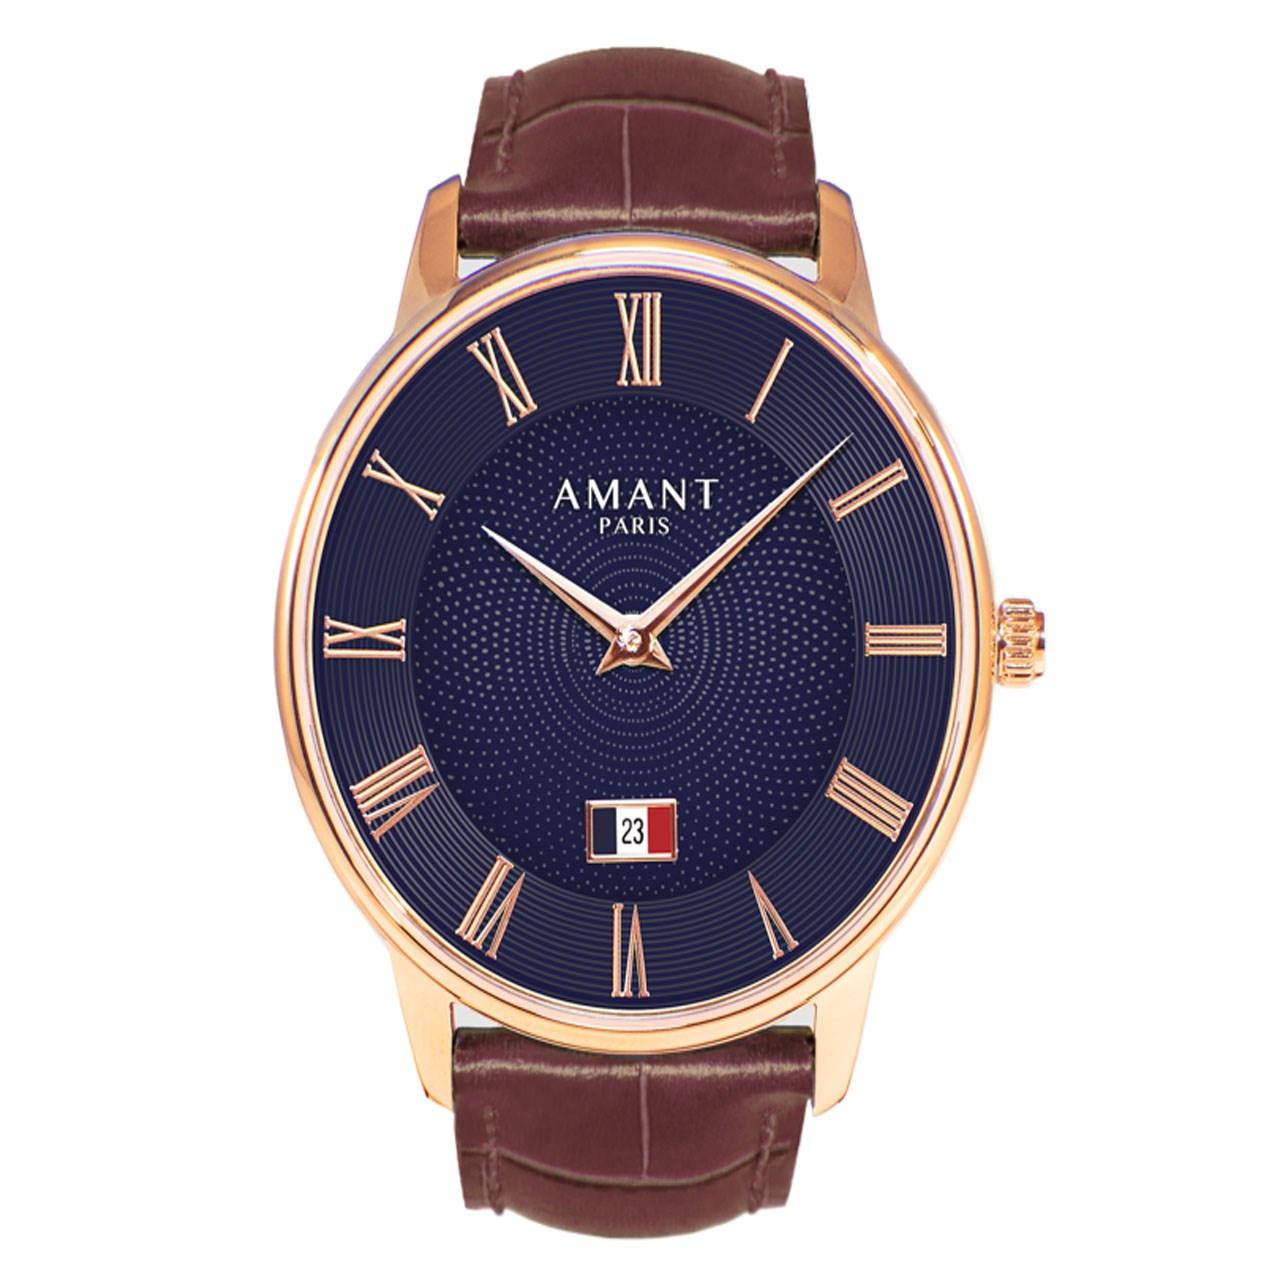 ساعت مچی عقربه ای مدل Amant Paris Siena